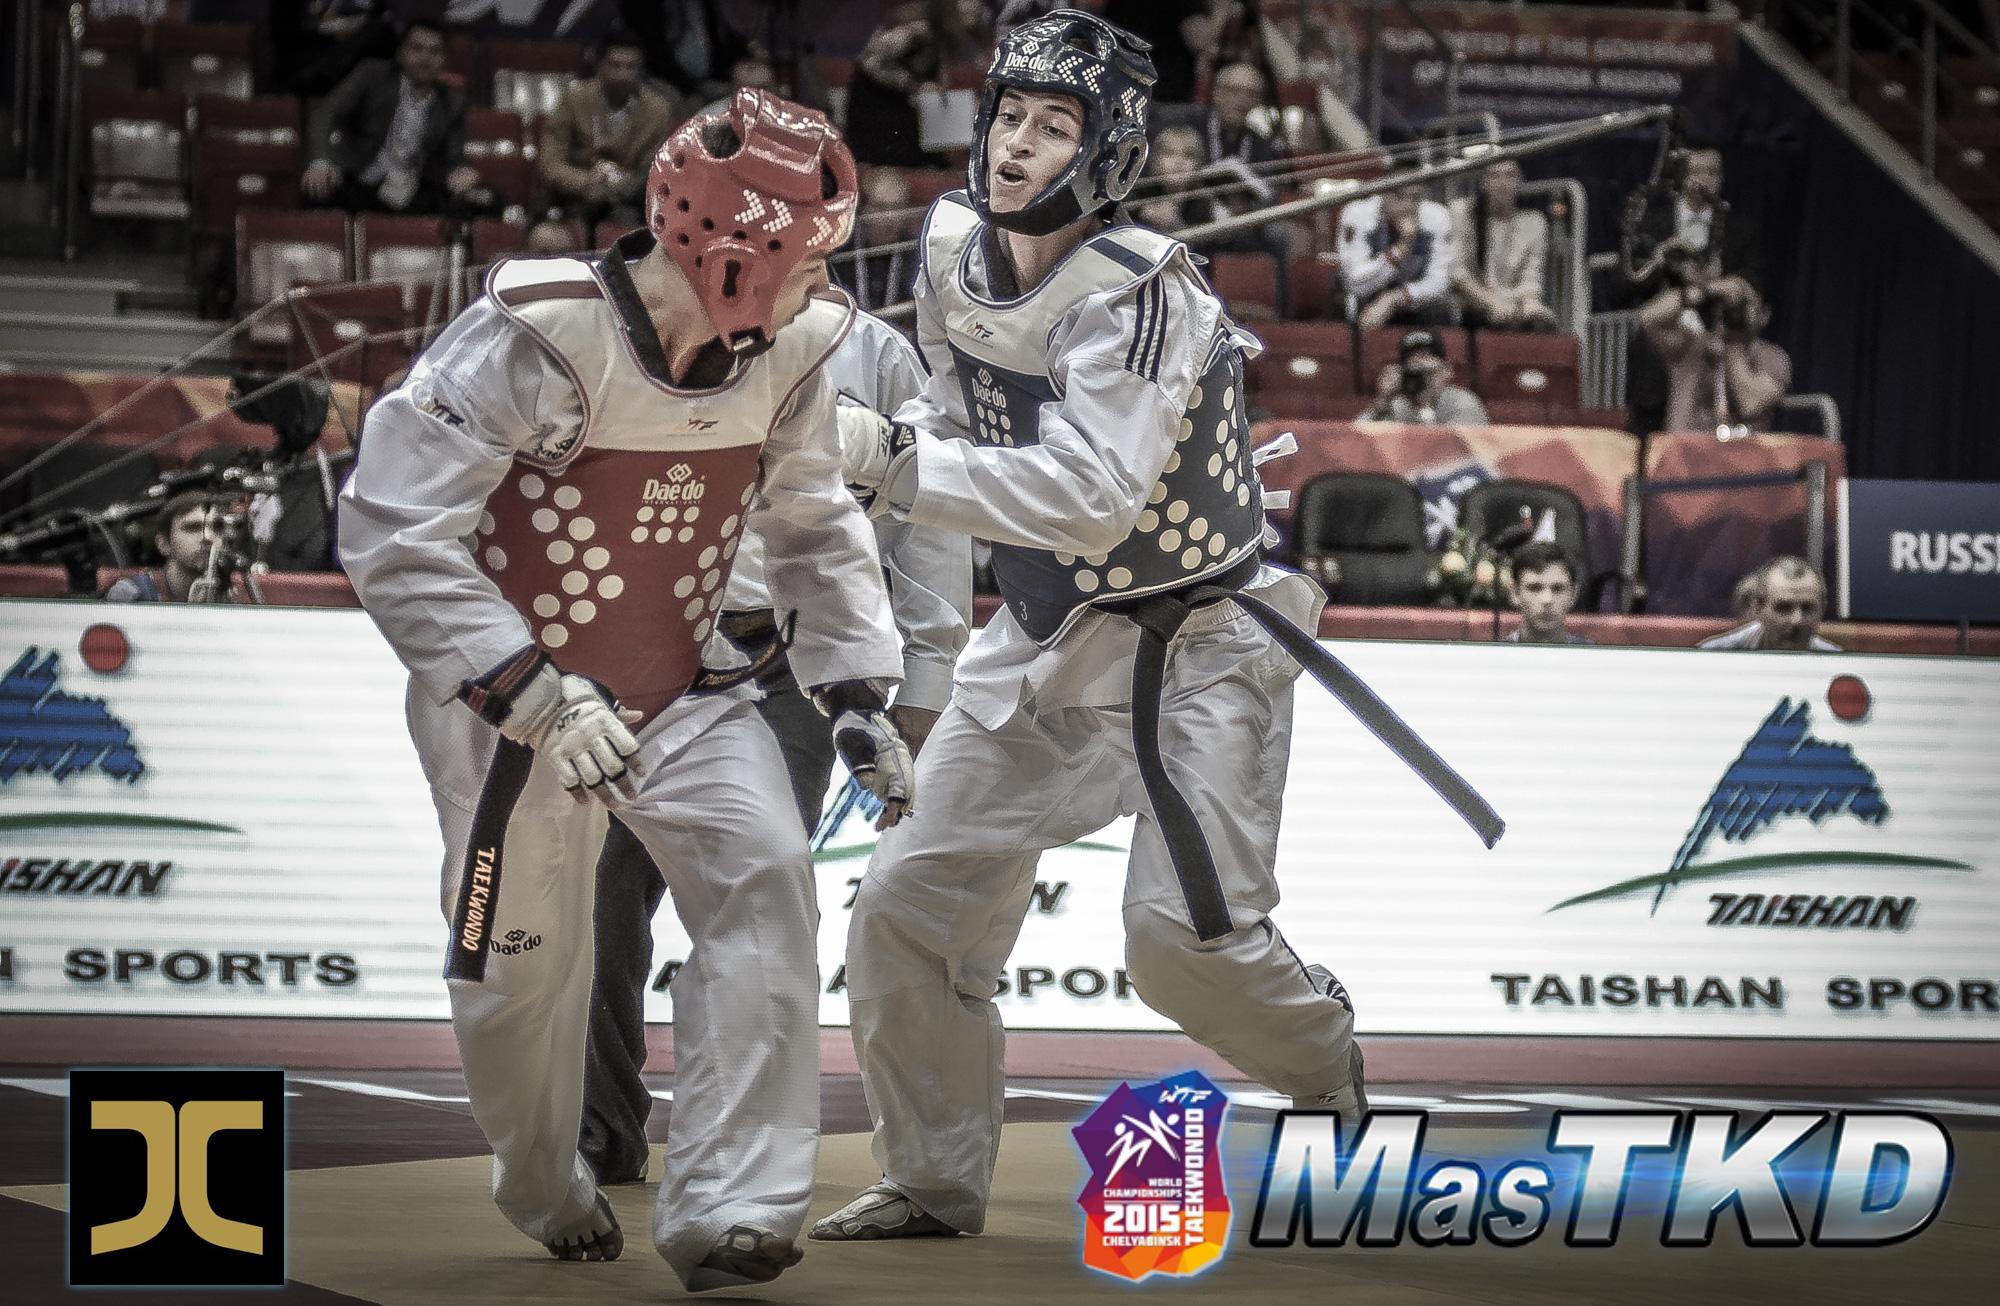 07_20150512_Taekwondo-Mundial_JC-Seleccion_D1